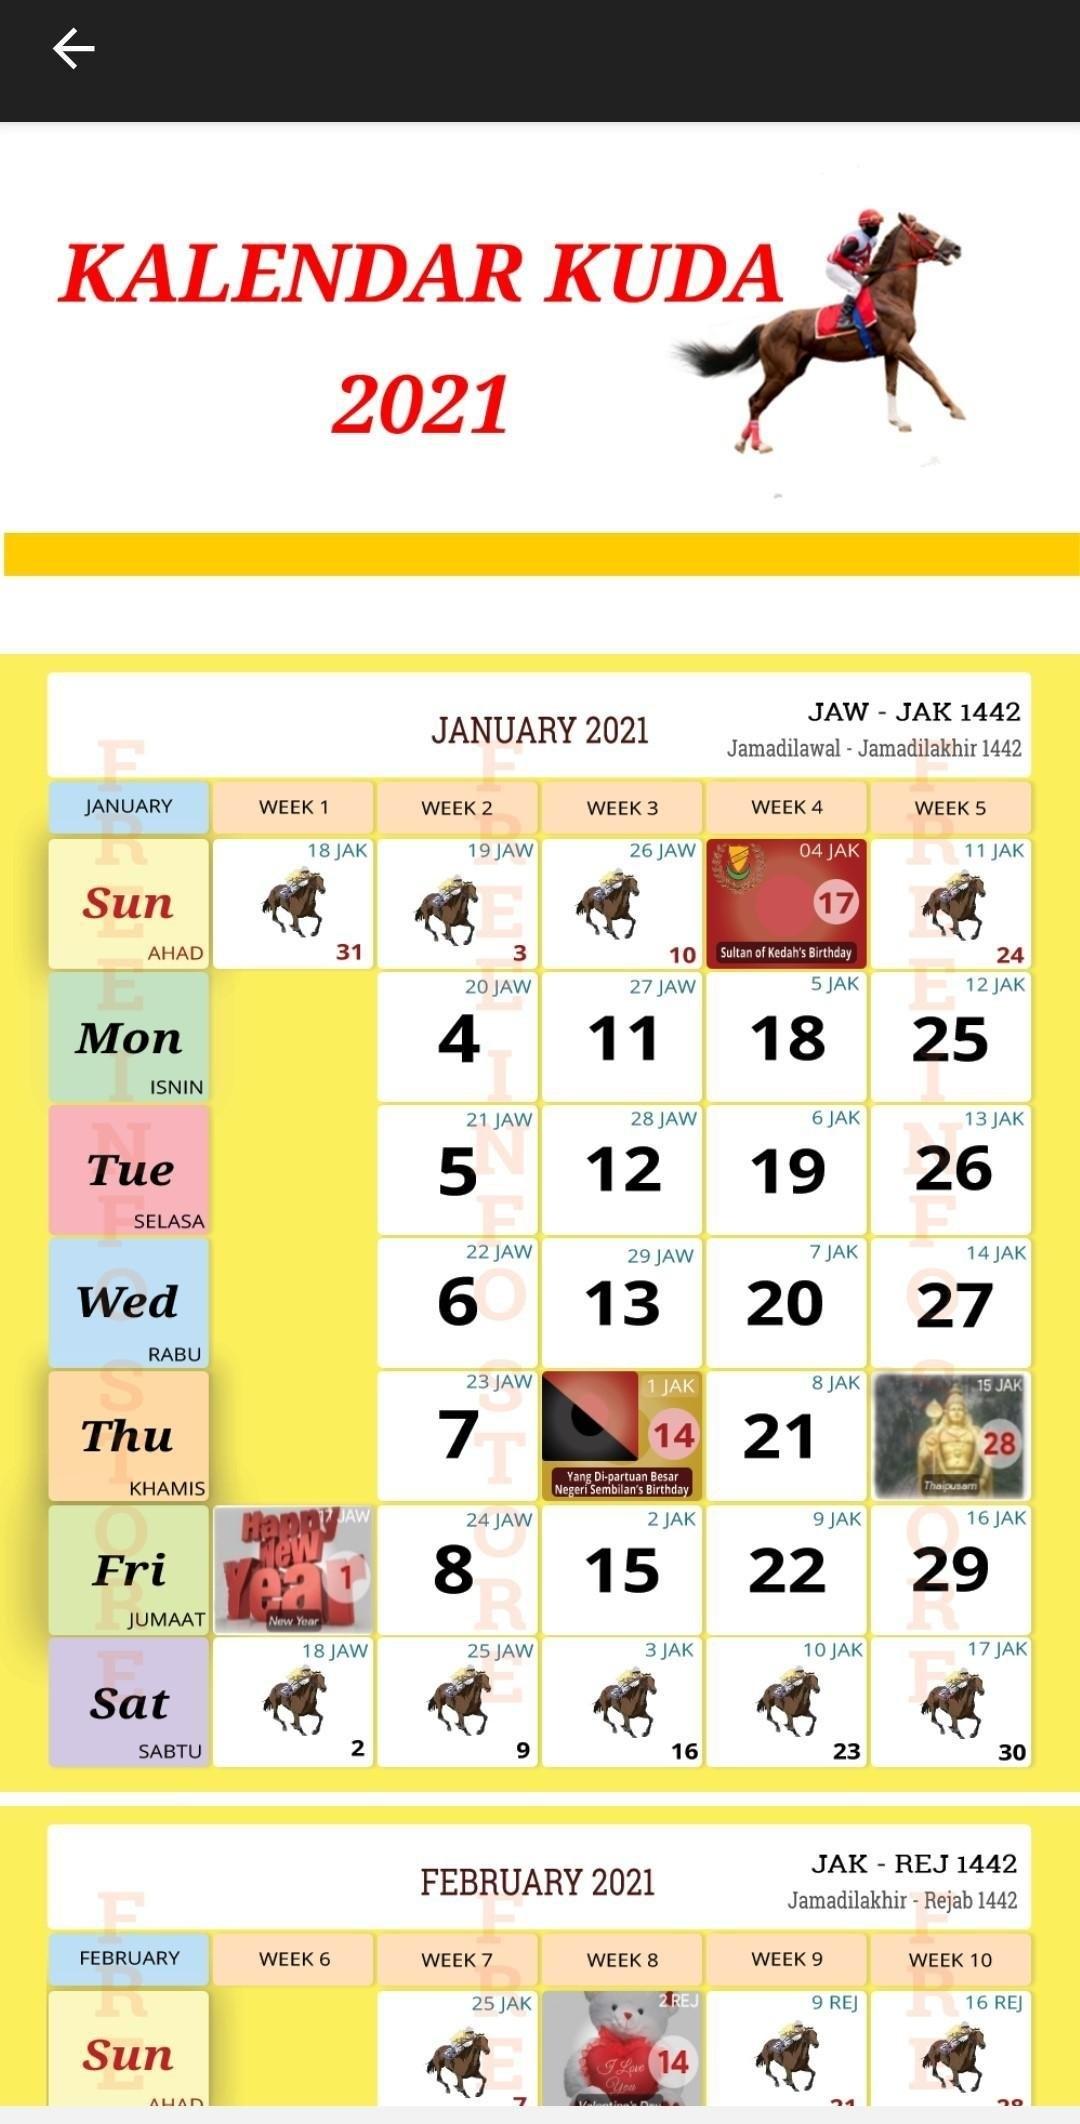 Downloadable Calendar 2021 Kuda | Calendar 2021 within Template Kalendar 2021 Malaysia